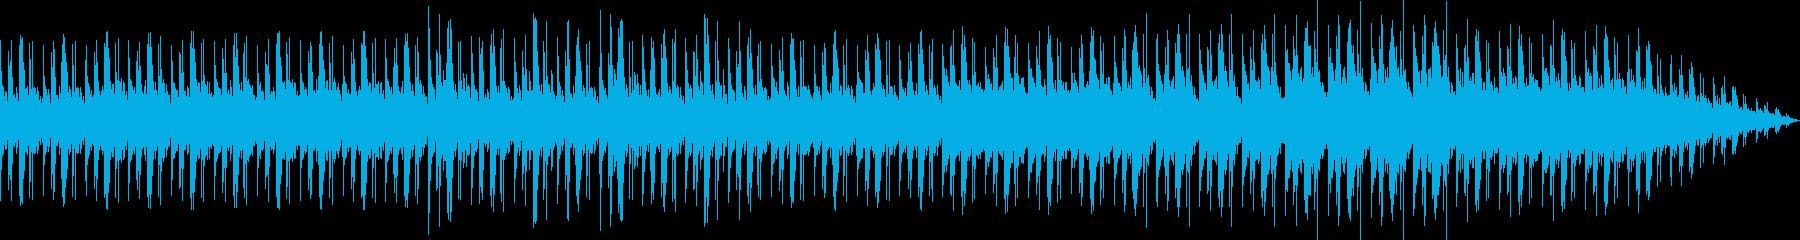 穏やかな午後のようなアコースティック曲の再生済みの波形